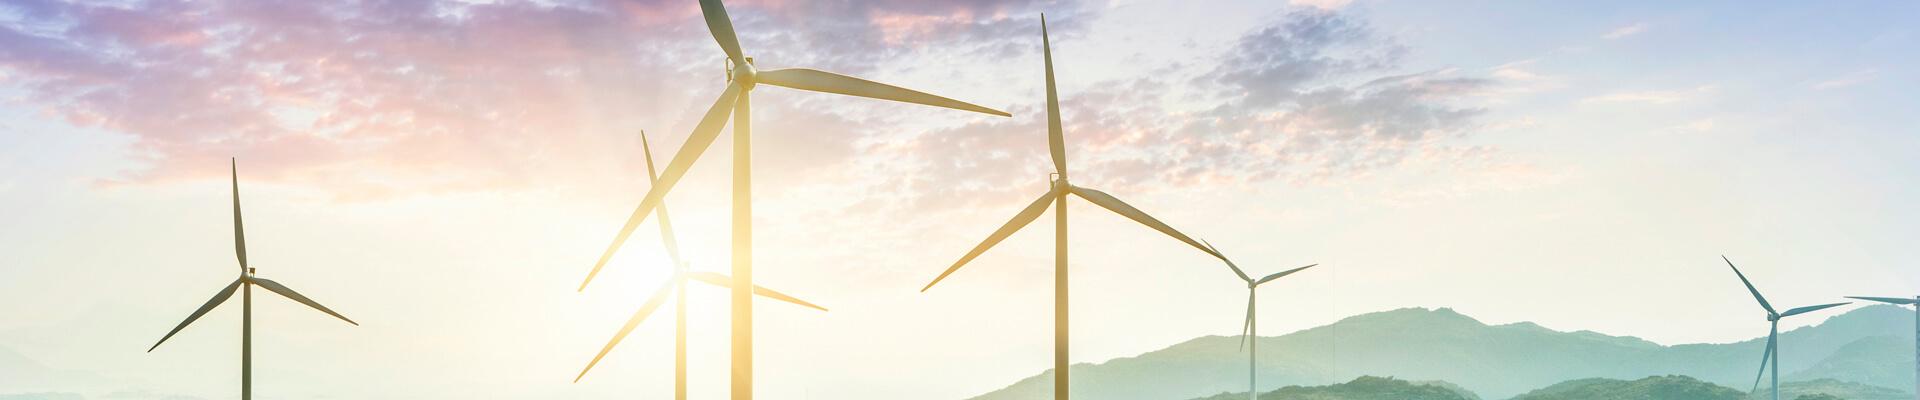 Wind_Turbines1920x400